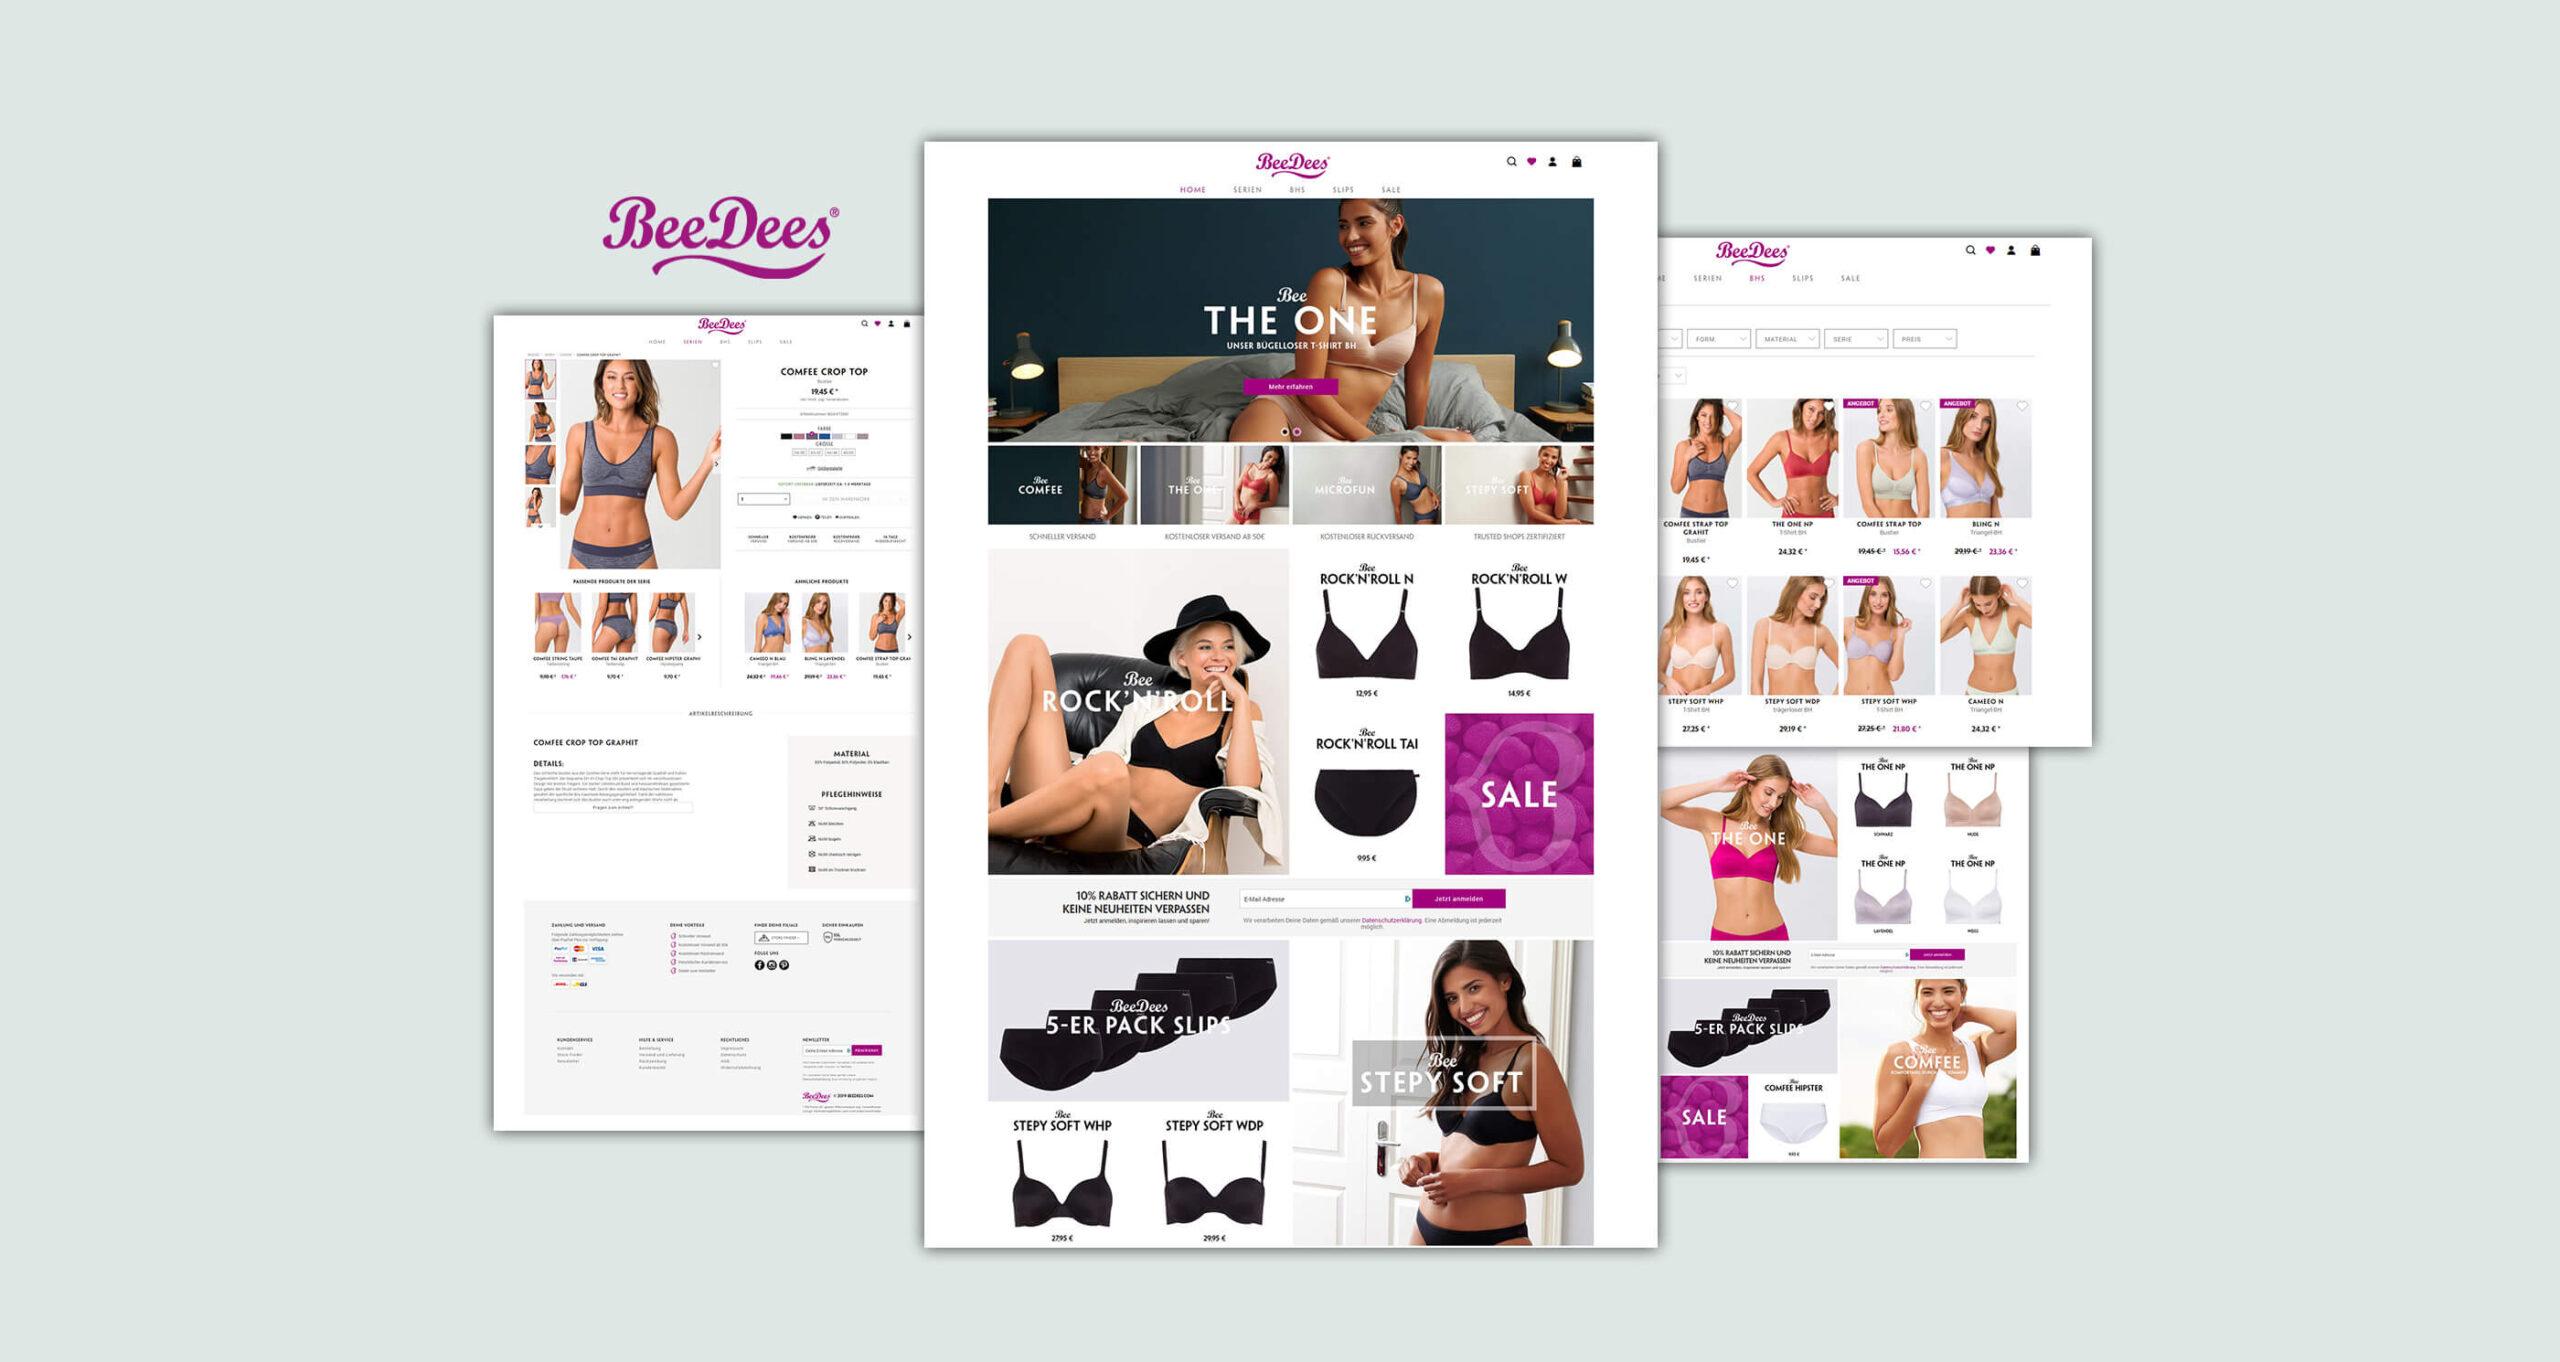 Layout und Logo der E-Commerce-Agentur: BS-Style GmbH. Darstellung der Desktop Ansicht des BeeDees Onlineshops.